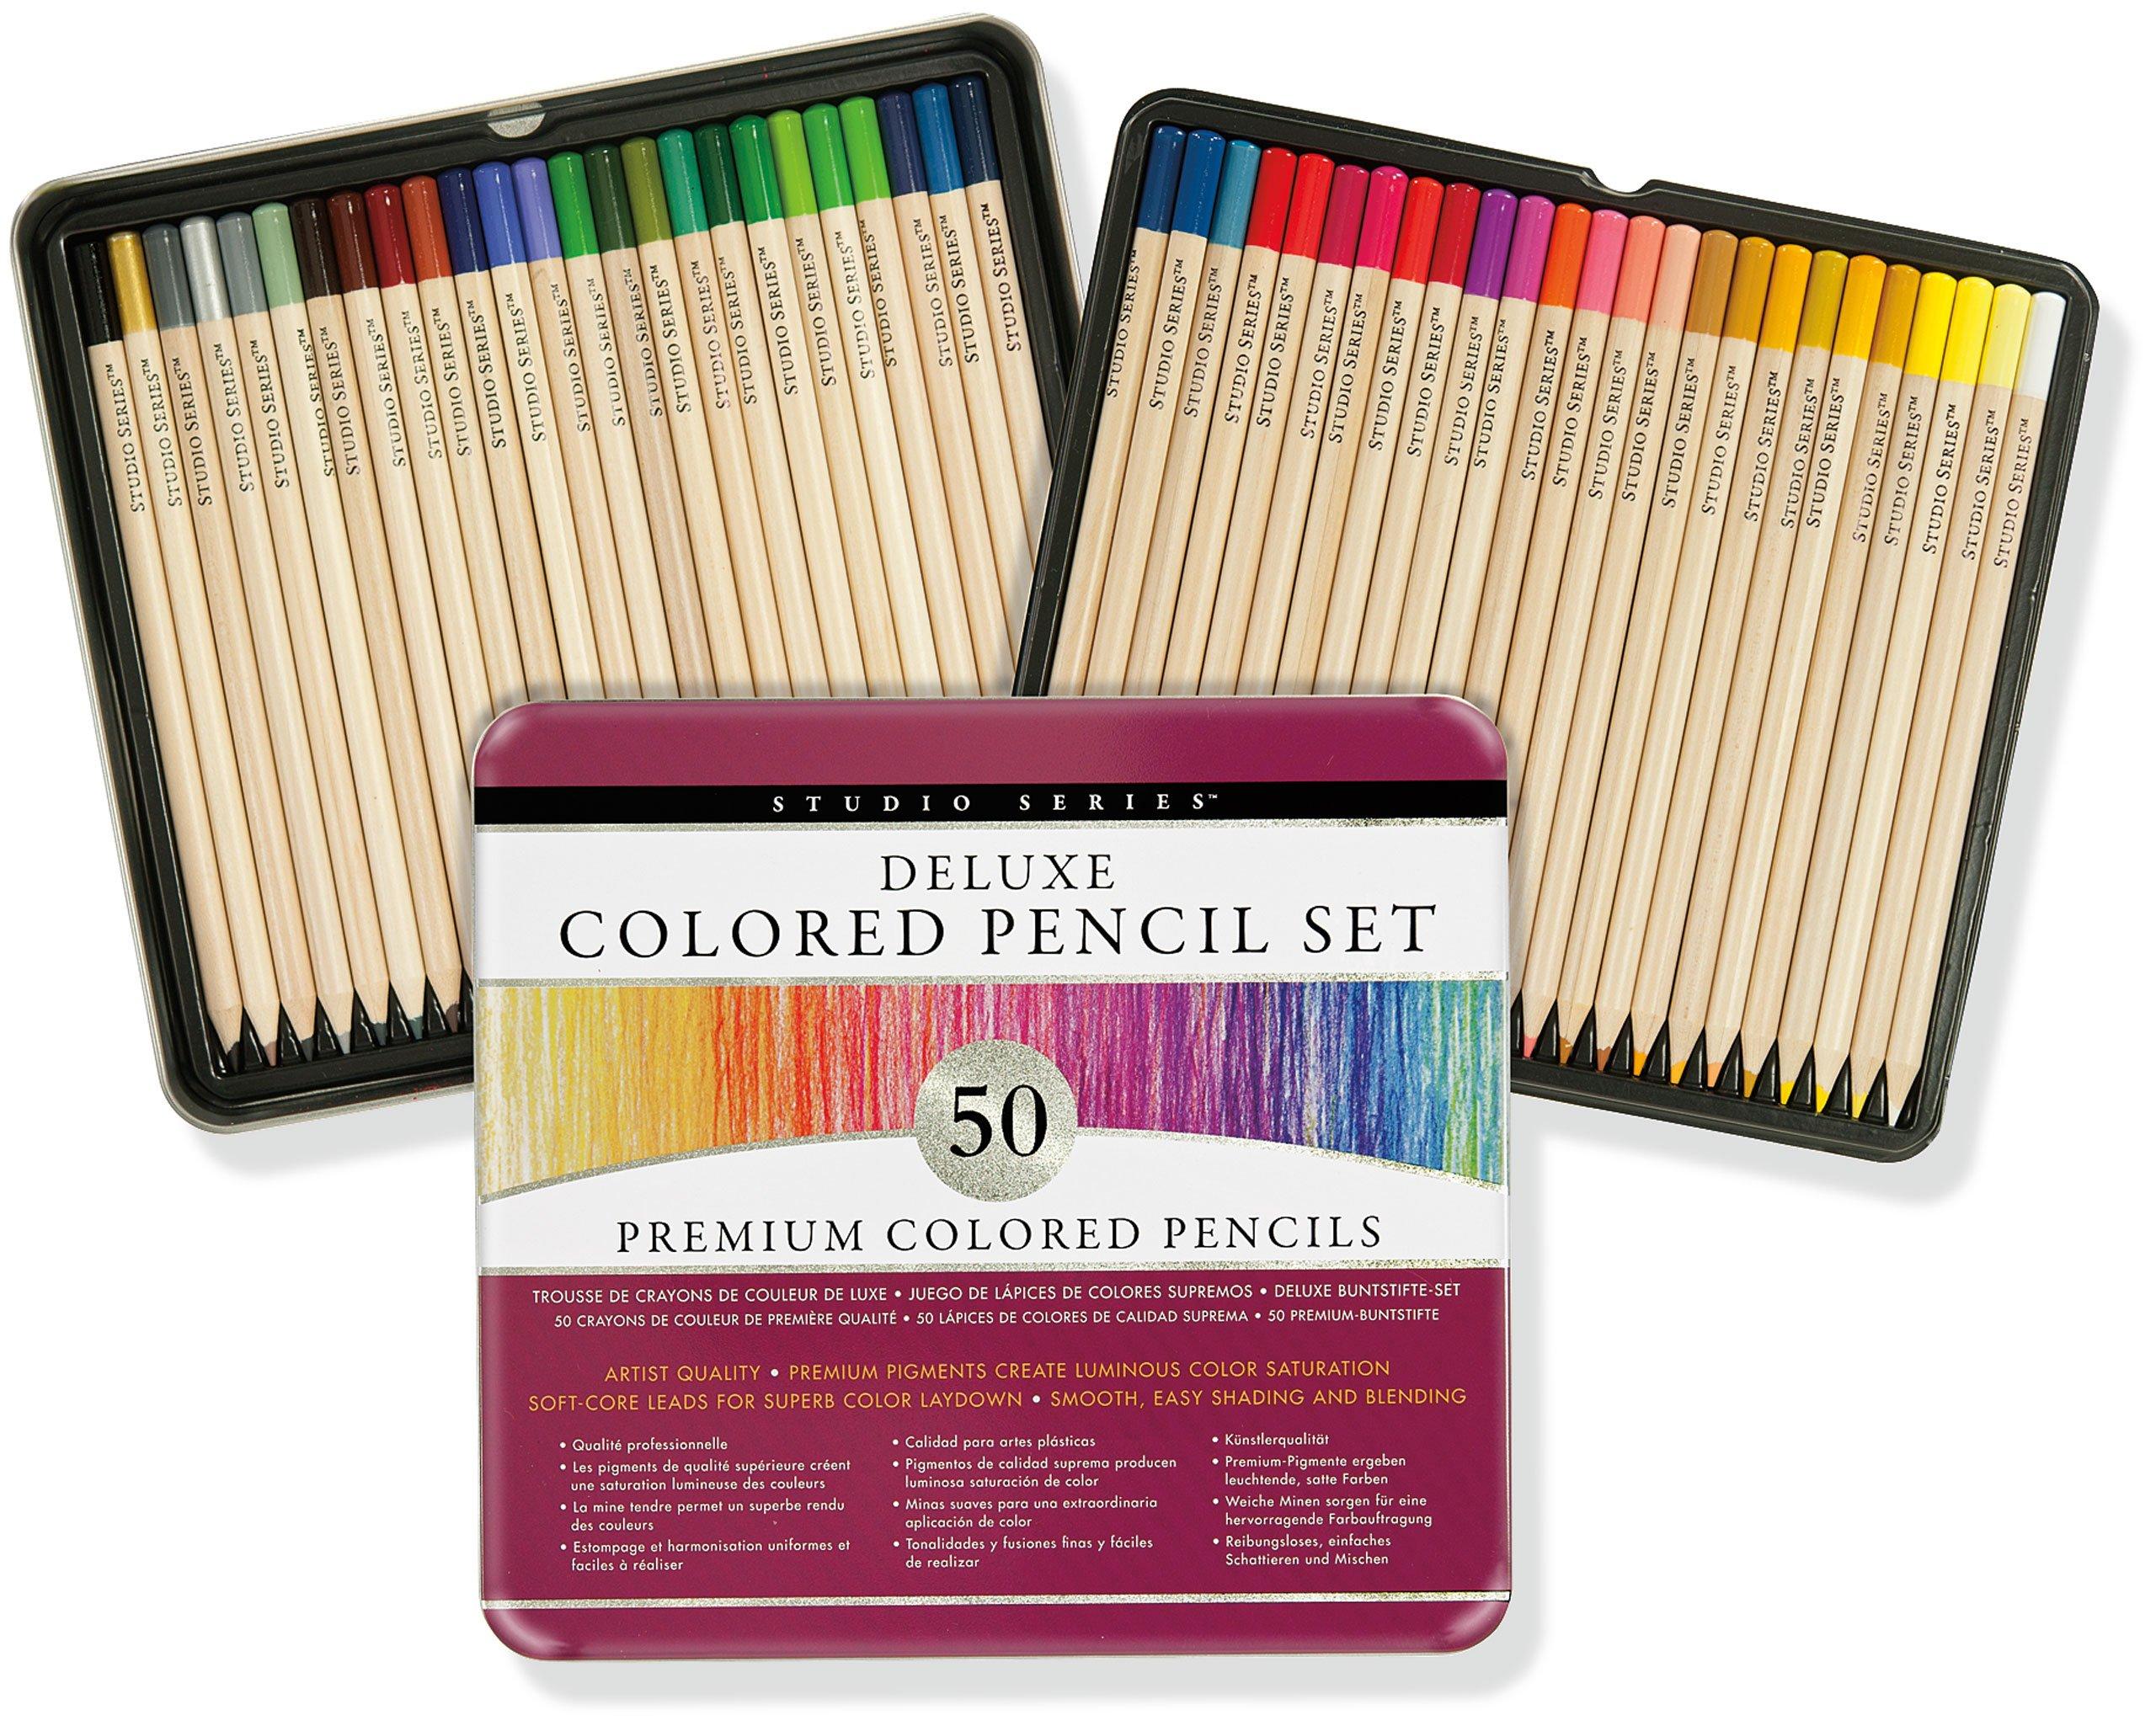 Studio Deluxe Colored Pencil Set